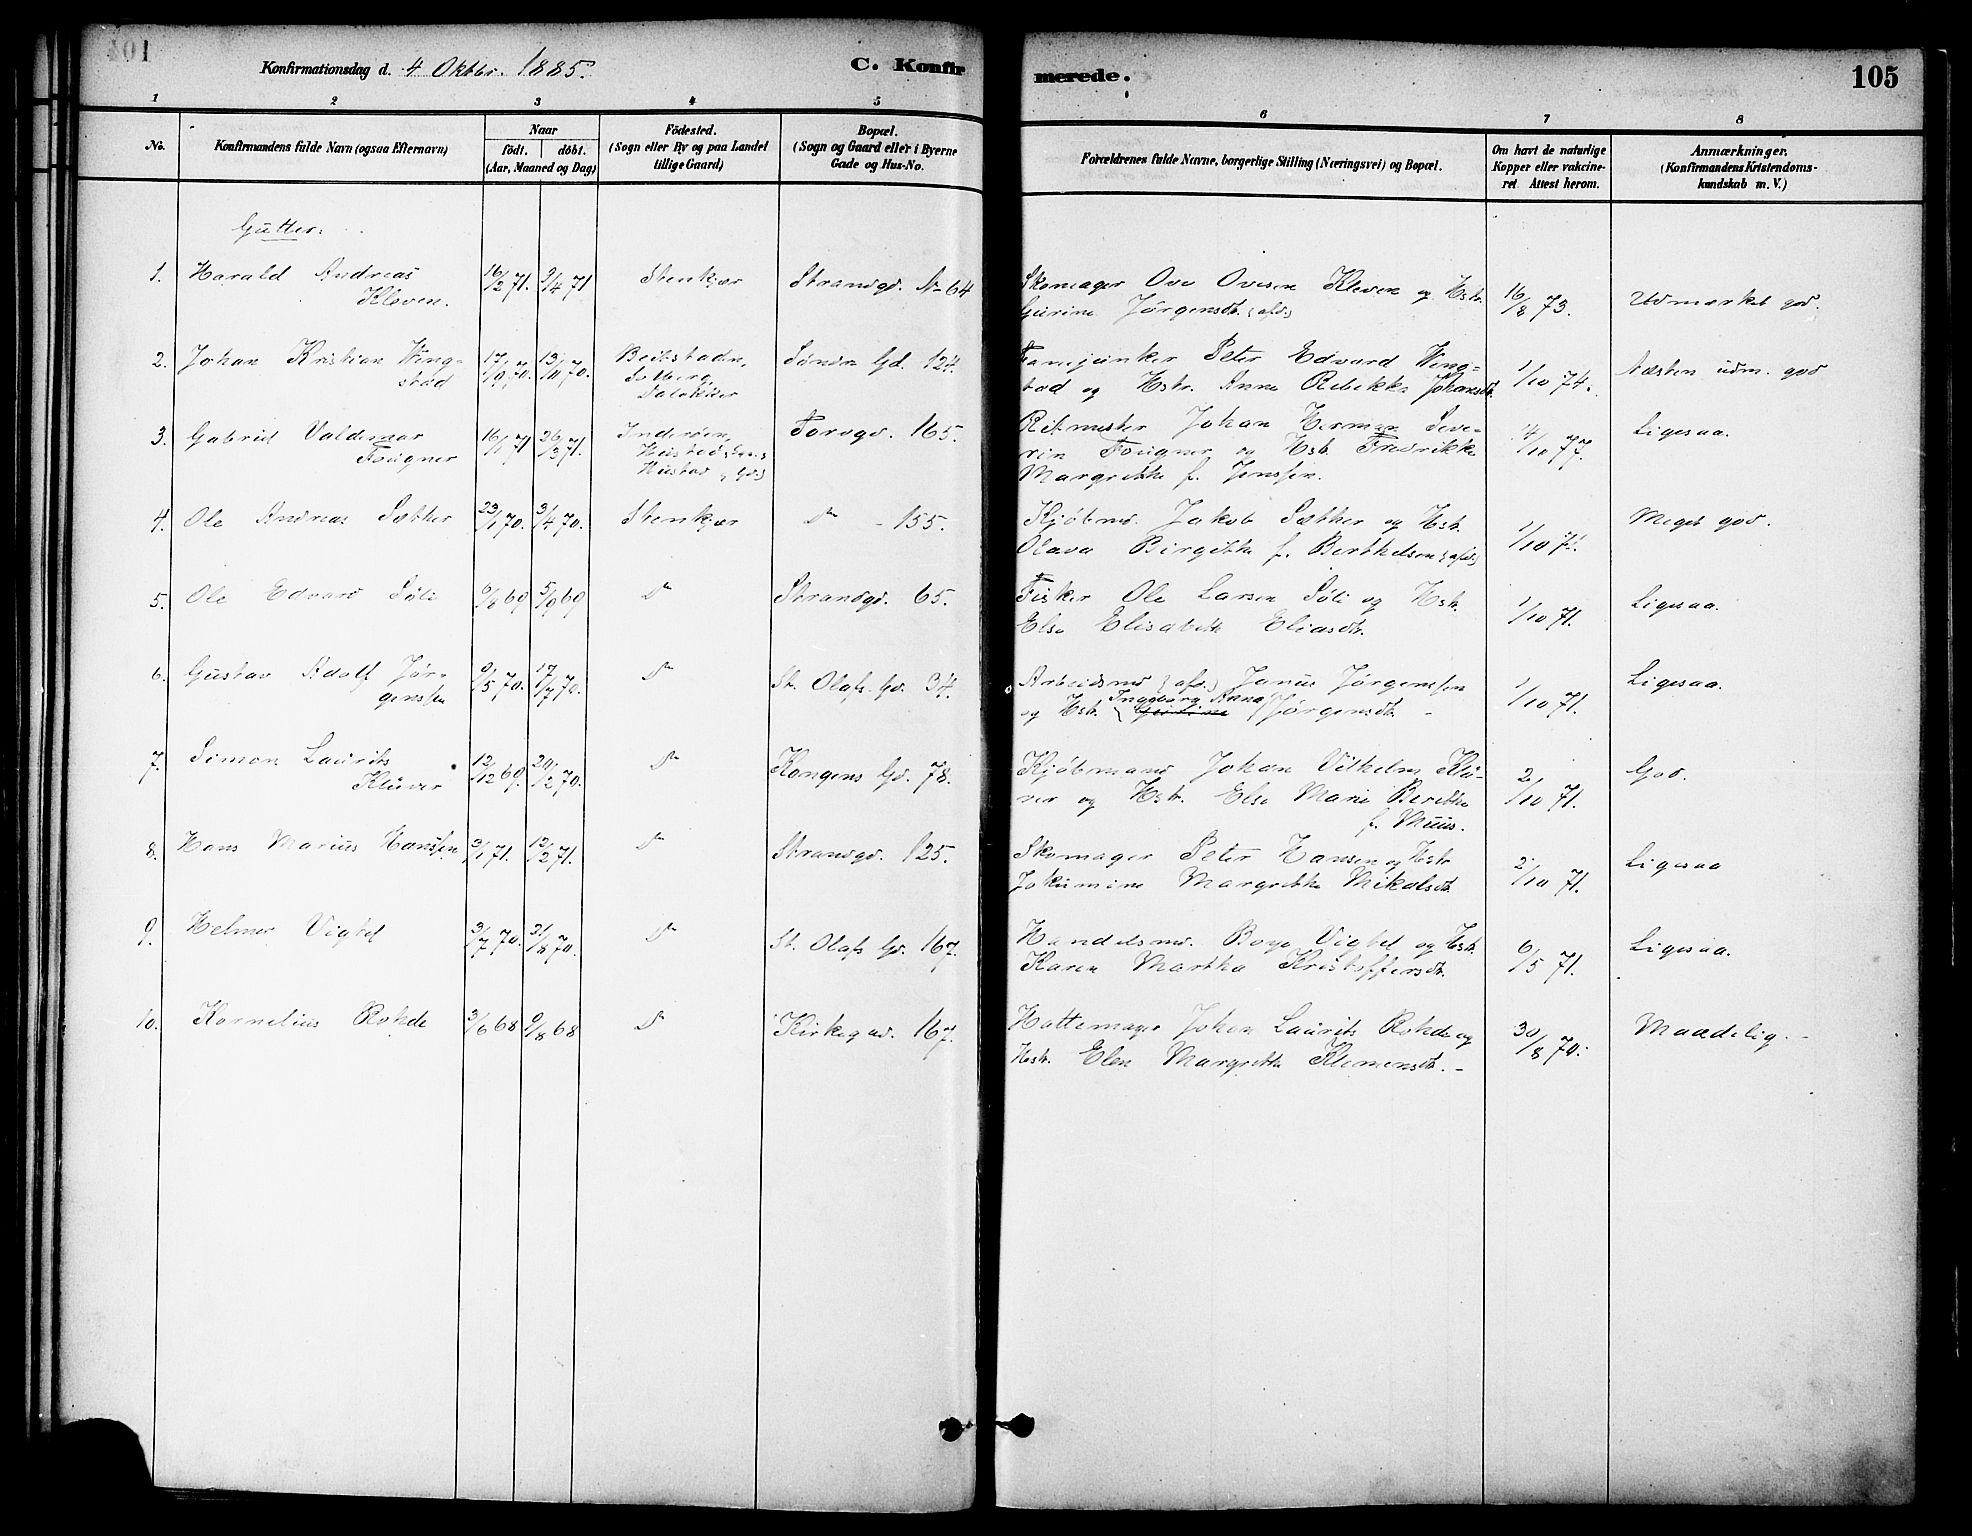 SAT, Ministerialprotokoller, klokkerbøker og fødselsregistre - Nord-Trøndelag, 739/L0371: Ministerialbok nr. 739A03, 1881-1895, s. 105